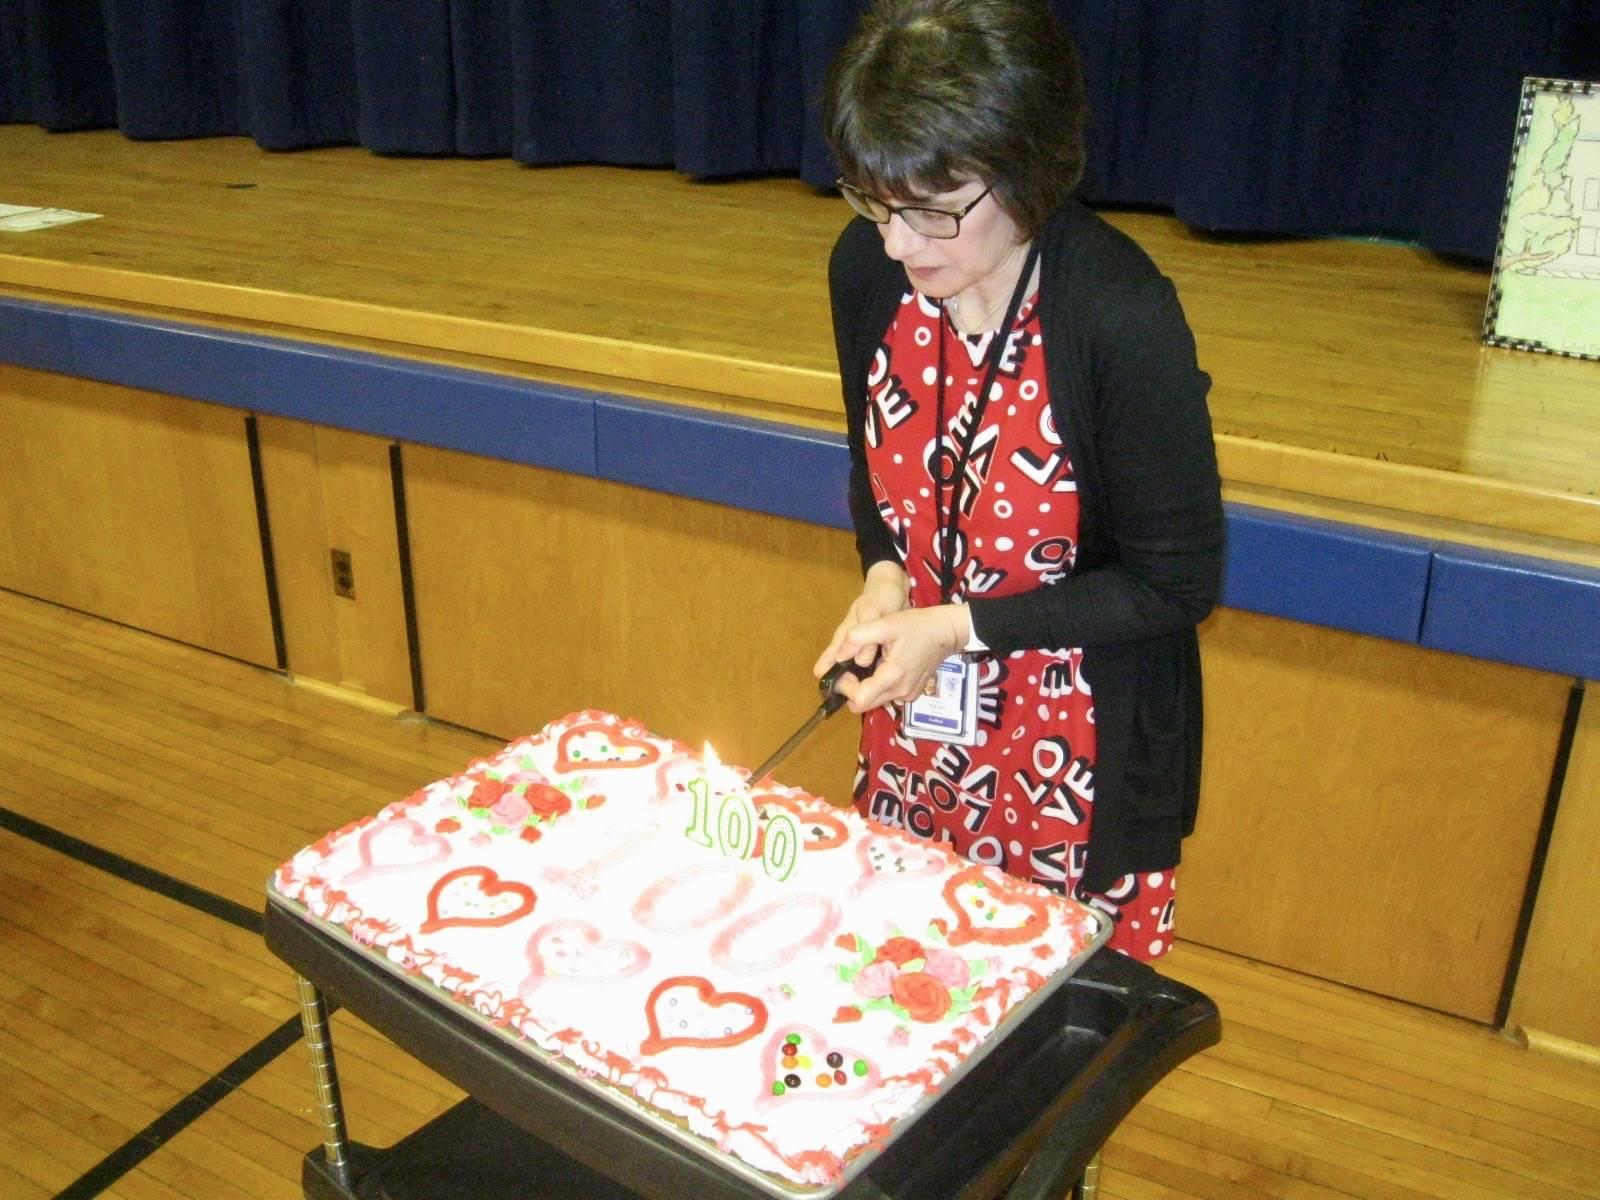 A staff member lights Zero the Hero's birthday cake.